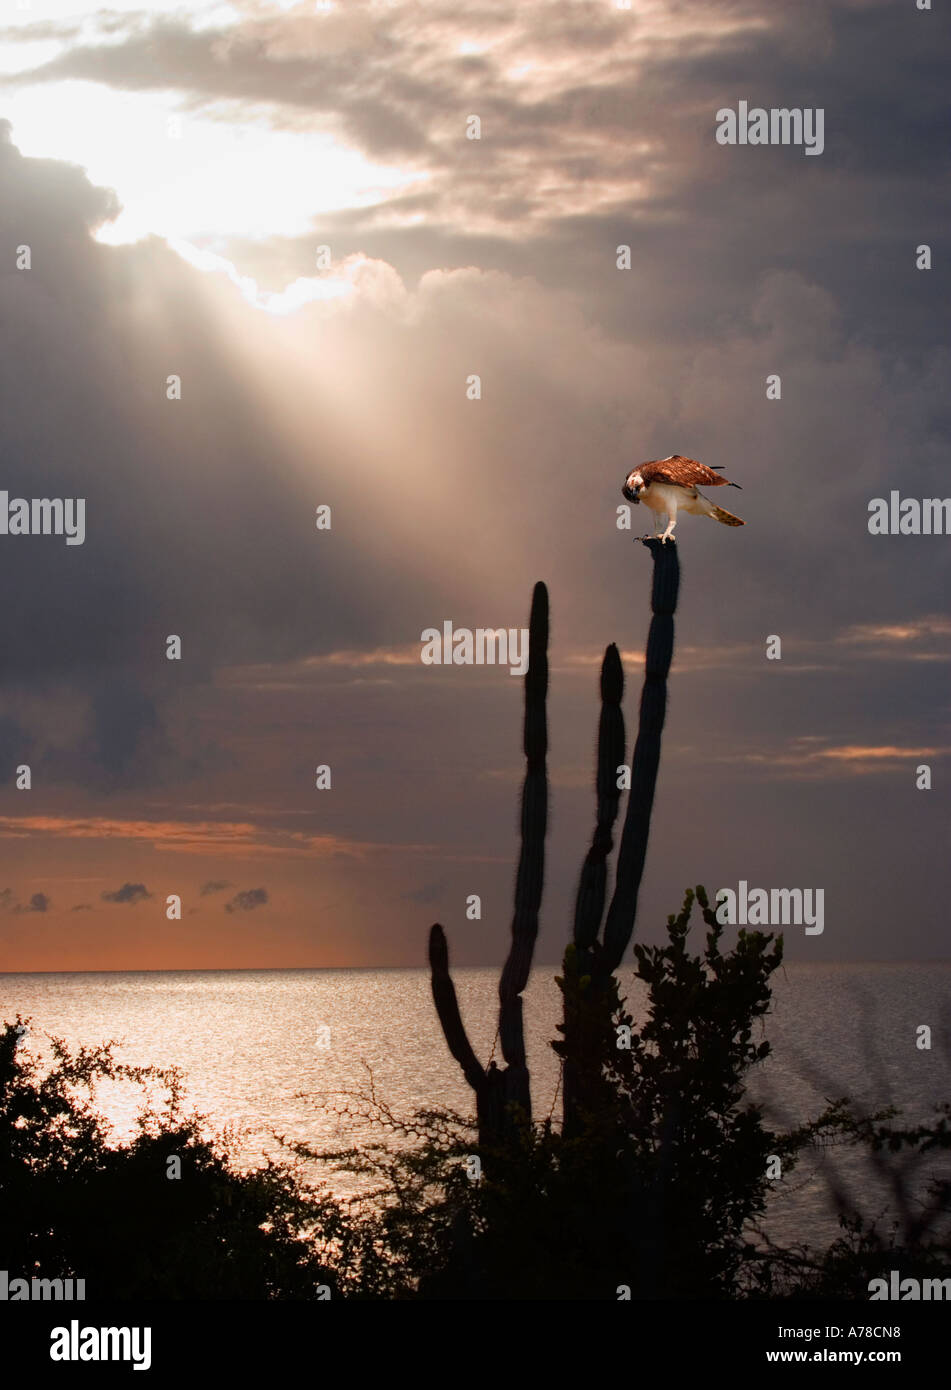 Osprey sentada sobre cactus durante la puesta de sol del Caribe Imagen De Stock